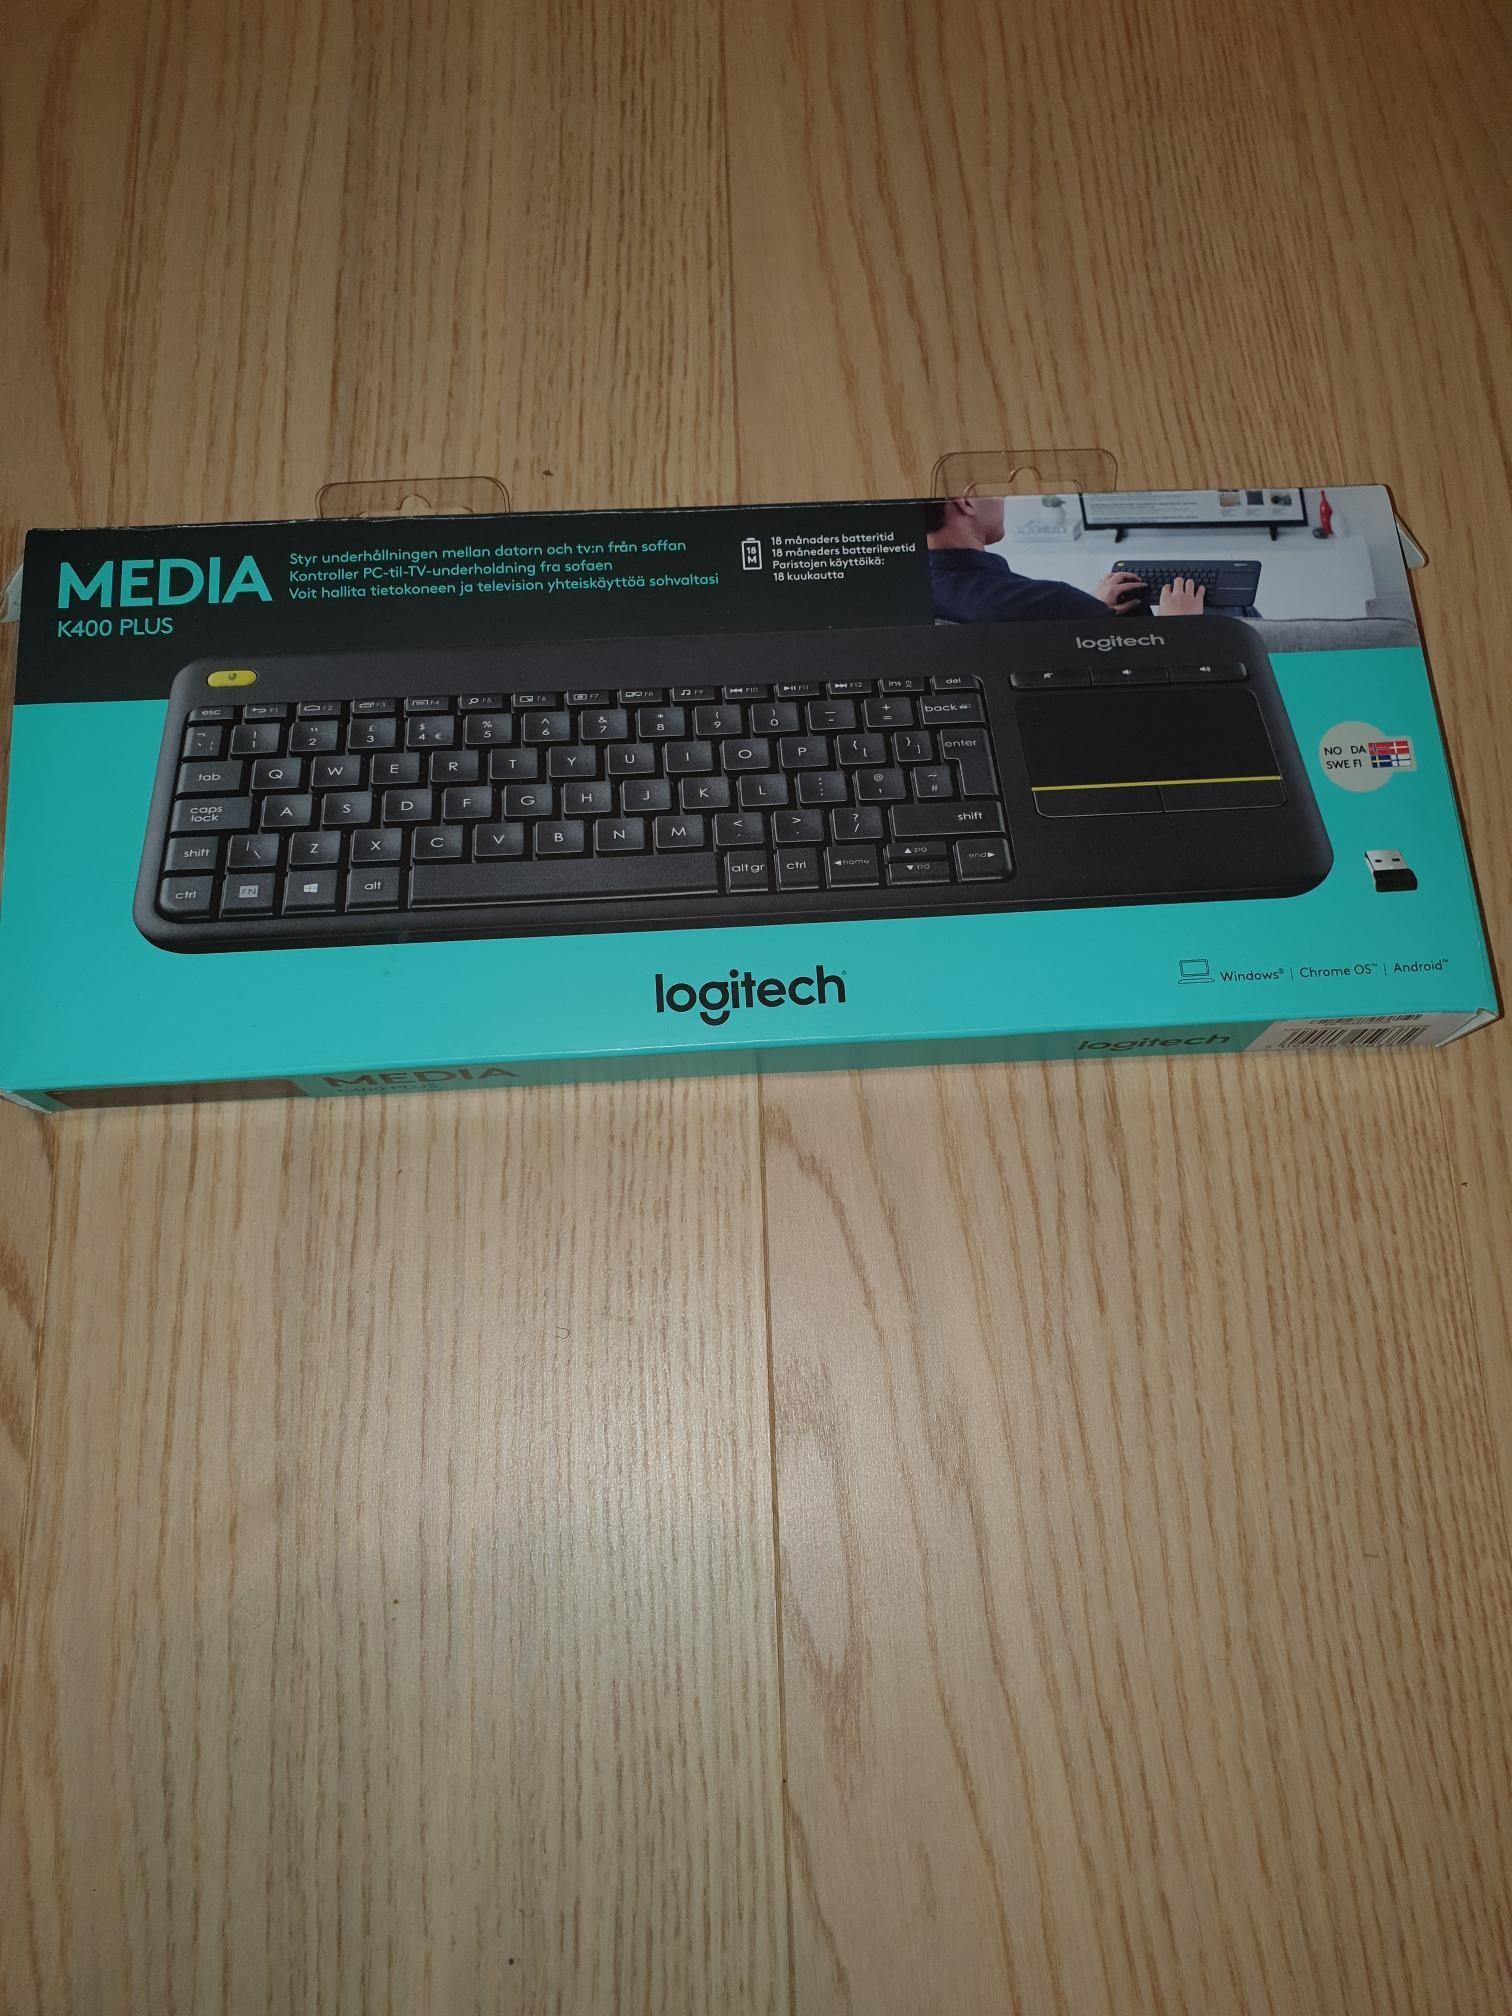 Logitech trådløst tastatur | FINN.no